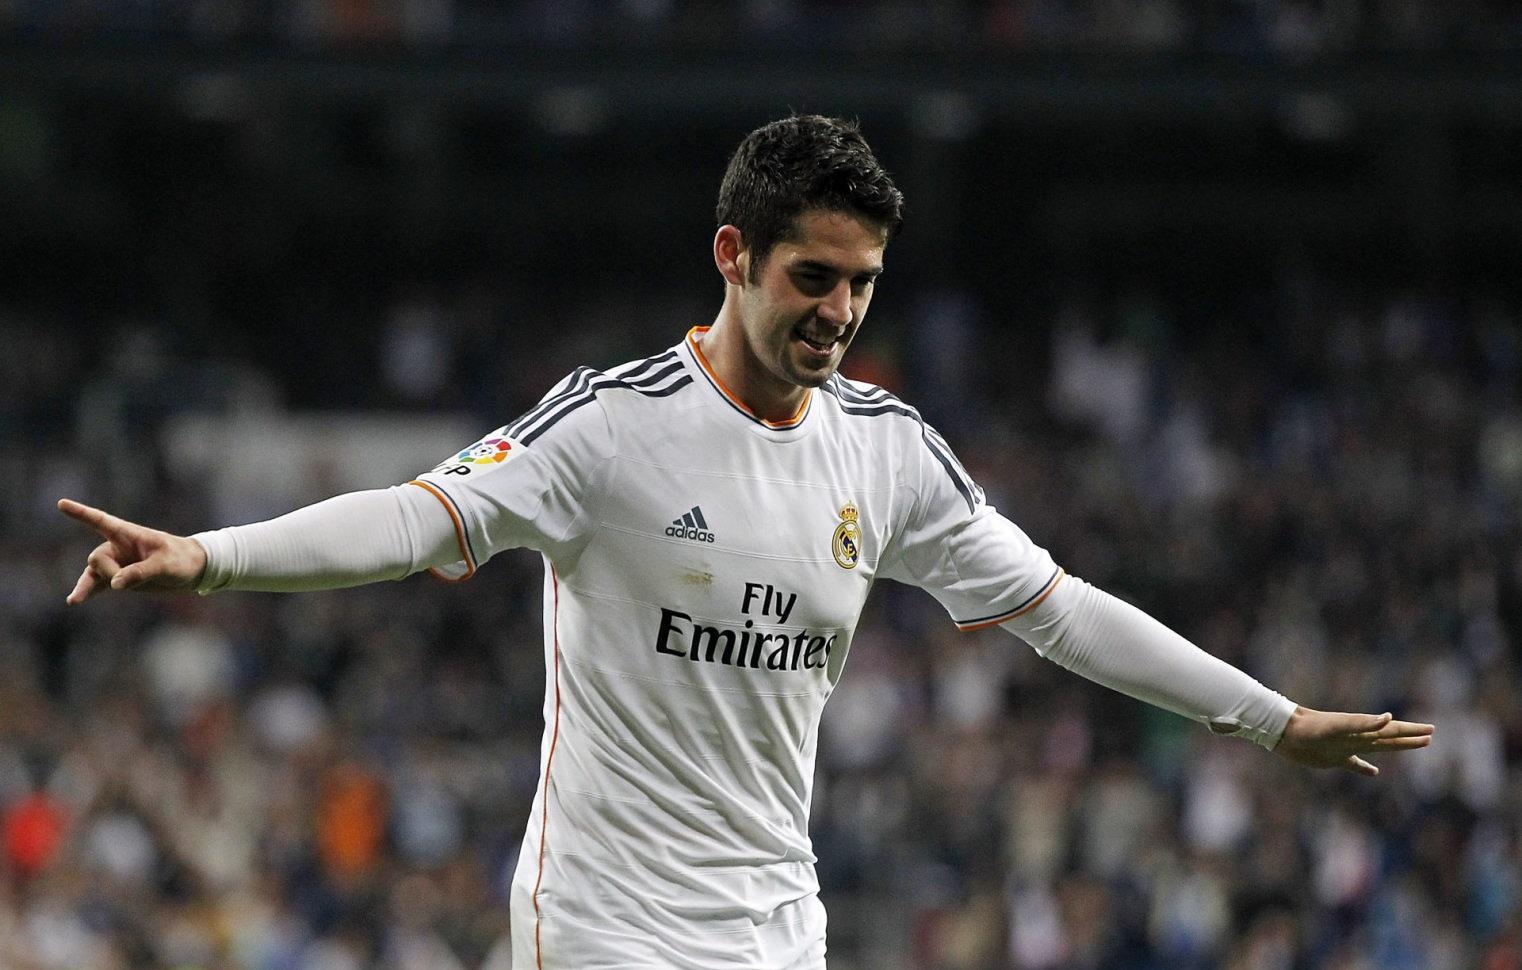 ایسکو و کسب عنوان بهترین بازیکن فصل رئال مادرید با رأی هواداران رئال در شبکه های اجتماعی